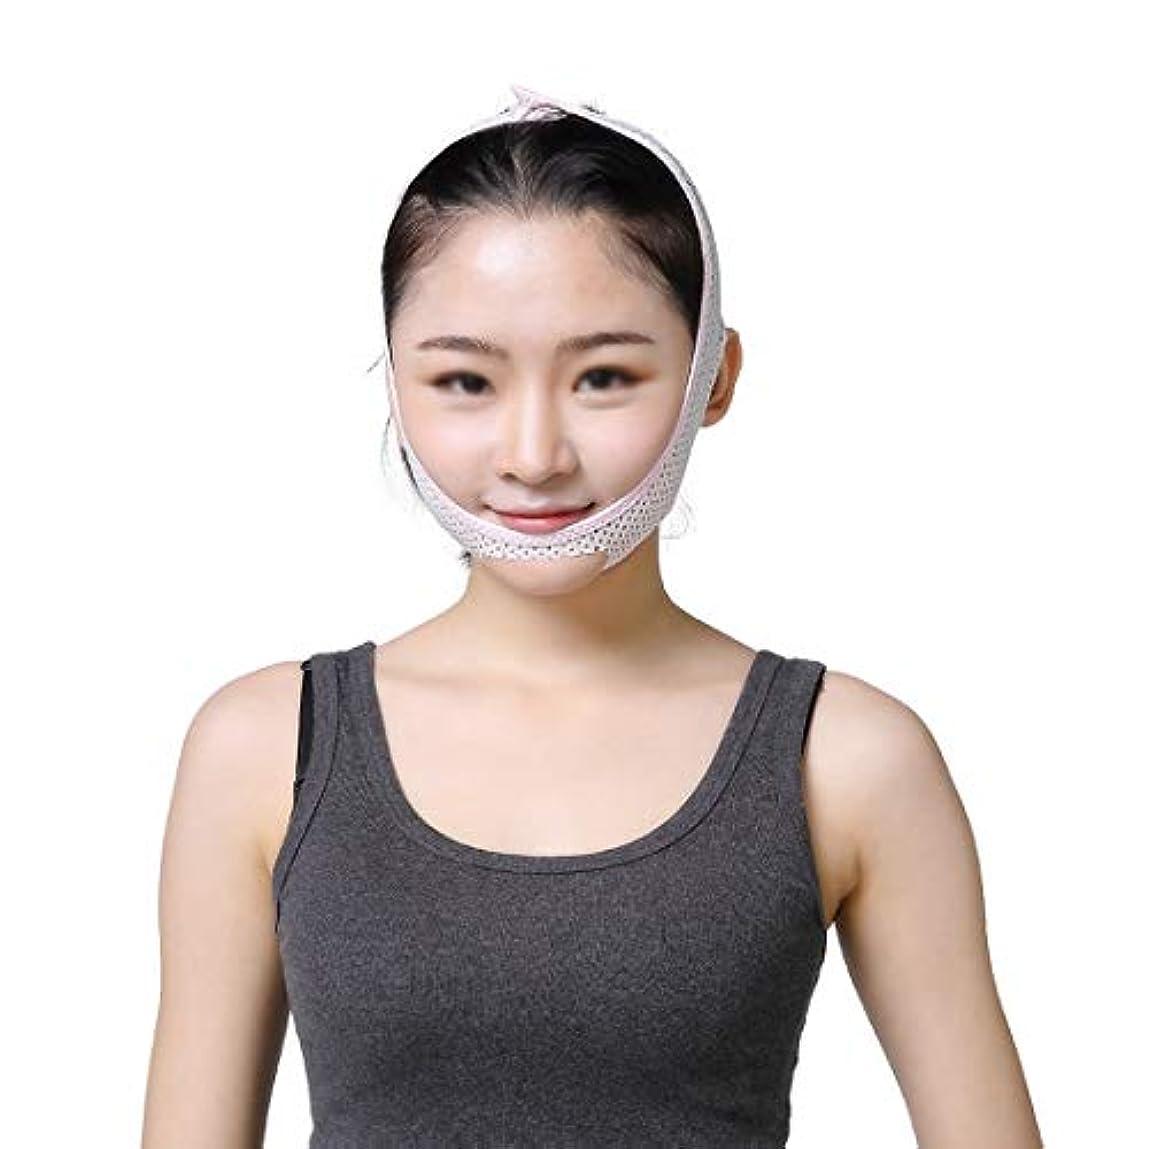 ワークショップドレイン湖ZWBD フェイスマスク, 薄い顔包帯美容機器持ち上がる引き締めダブルチン判決V顔の引き締め痩身包帯引き締めフェイシャルマッサージ (Size : L)